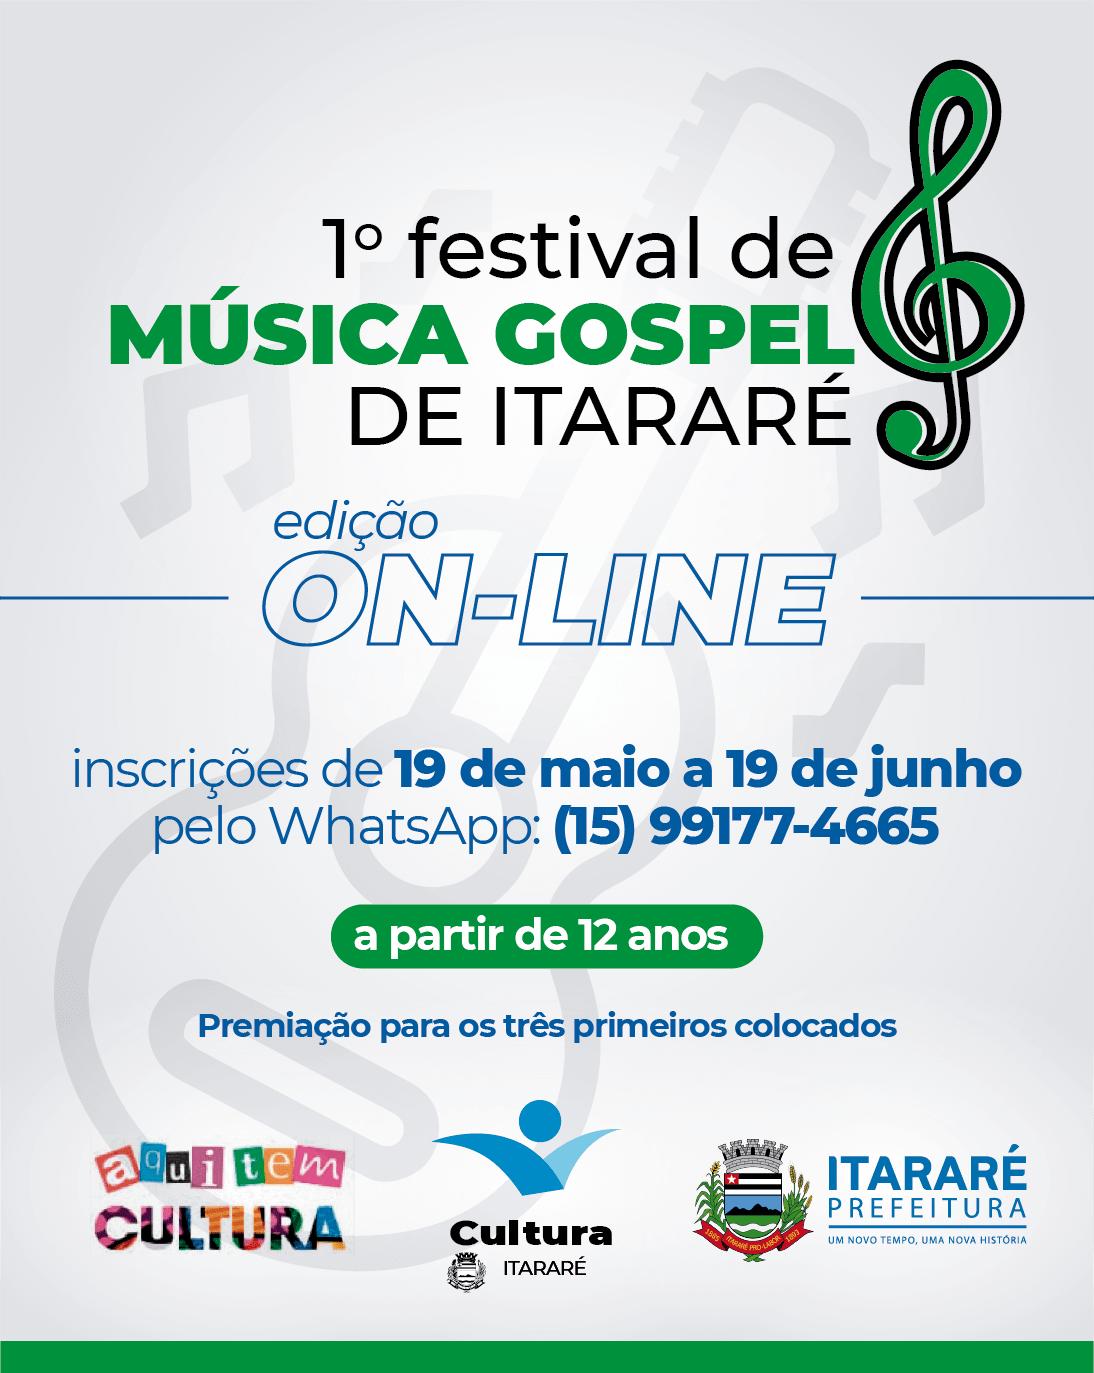 Prefeitura de Itararé (SP) promoverá 1º Festival de Música Gospel